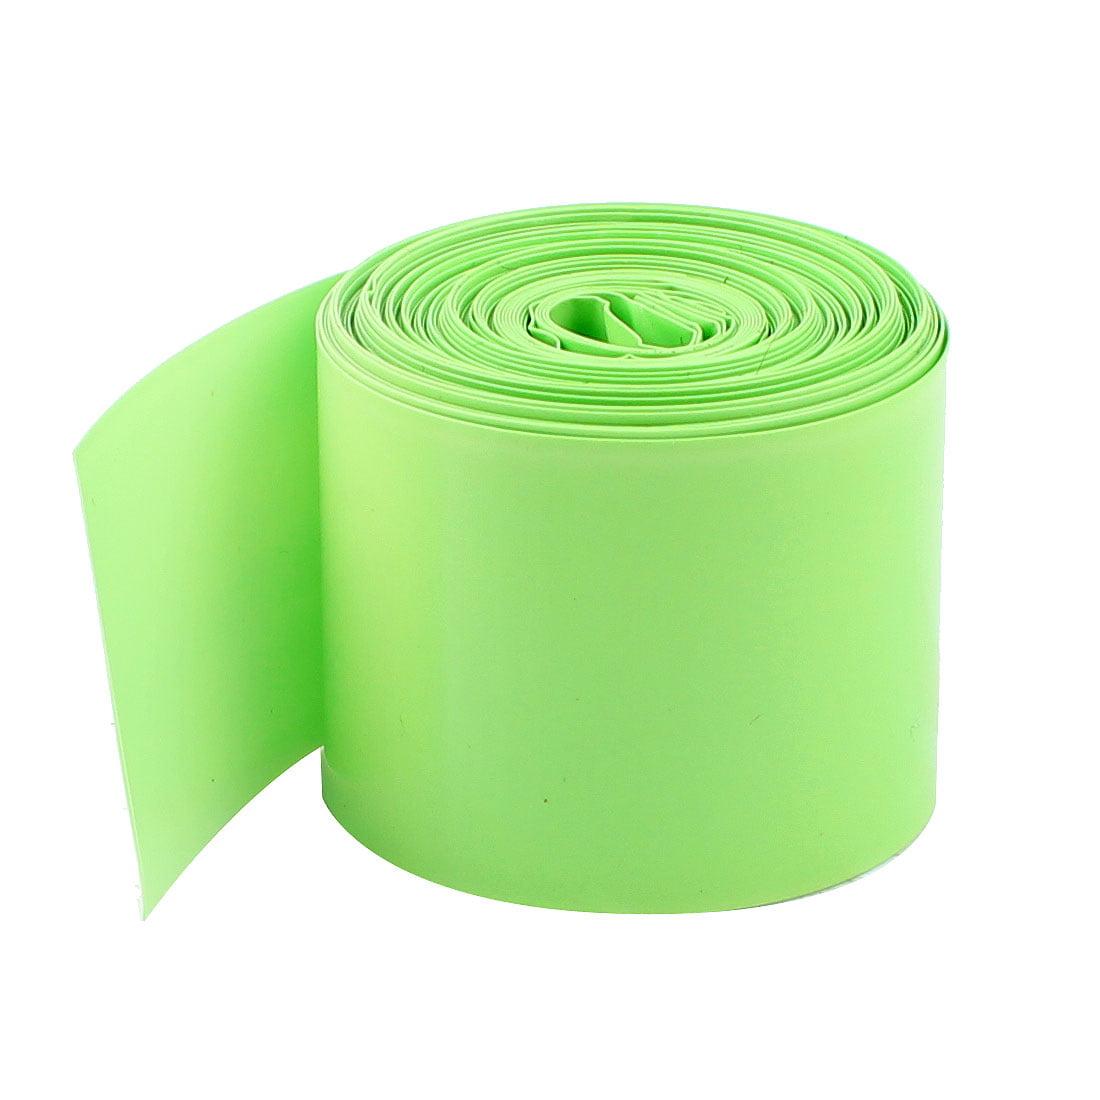 5M Long 29.5mm Verde Unique 18650 Batterie PVC Thermorétractable Tube Enveloppe - image 1 de 1